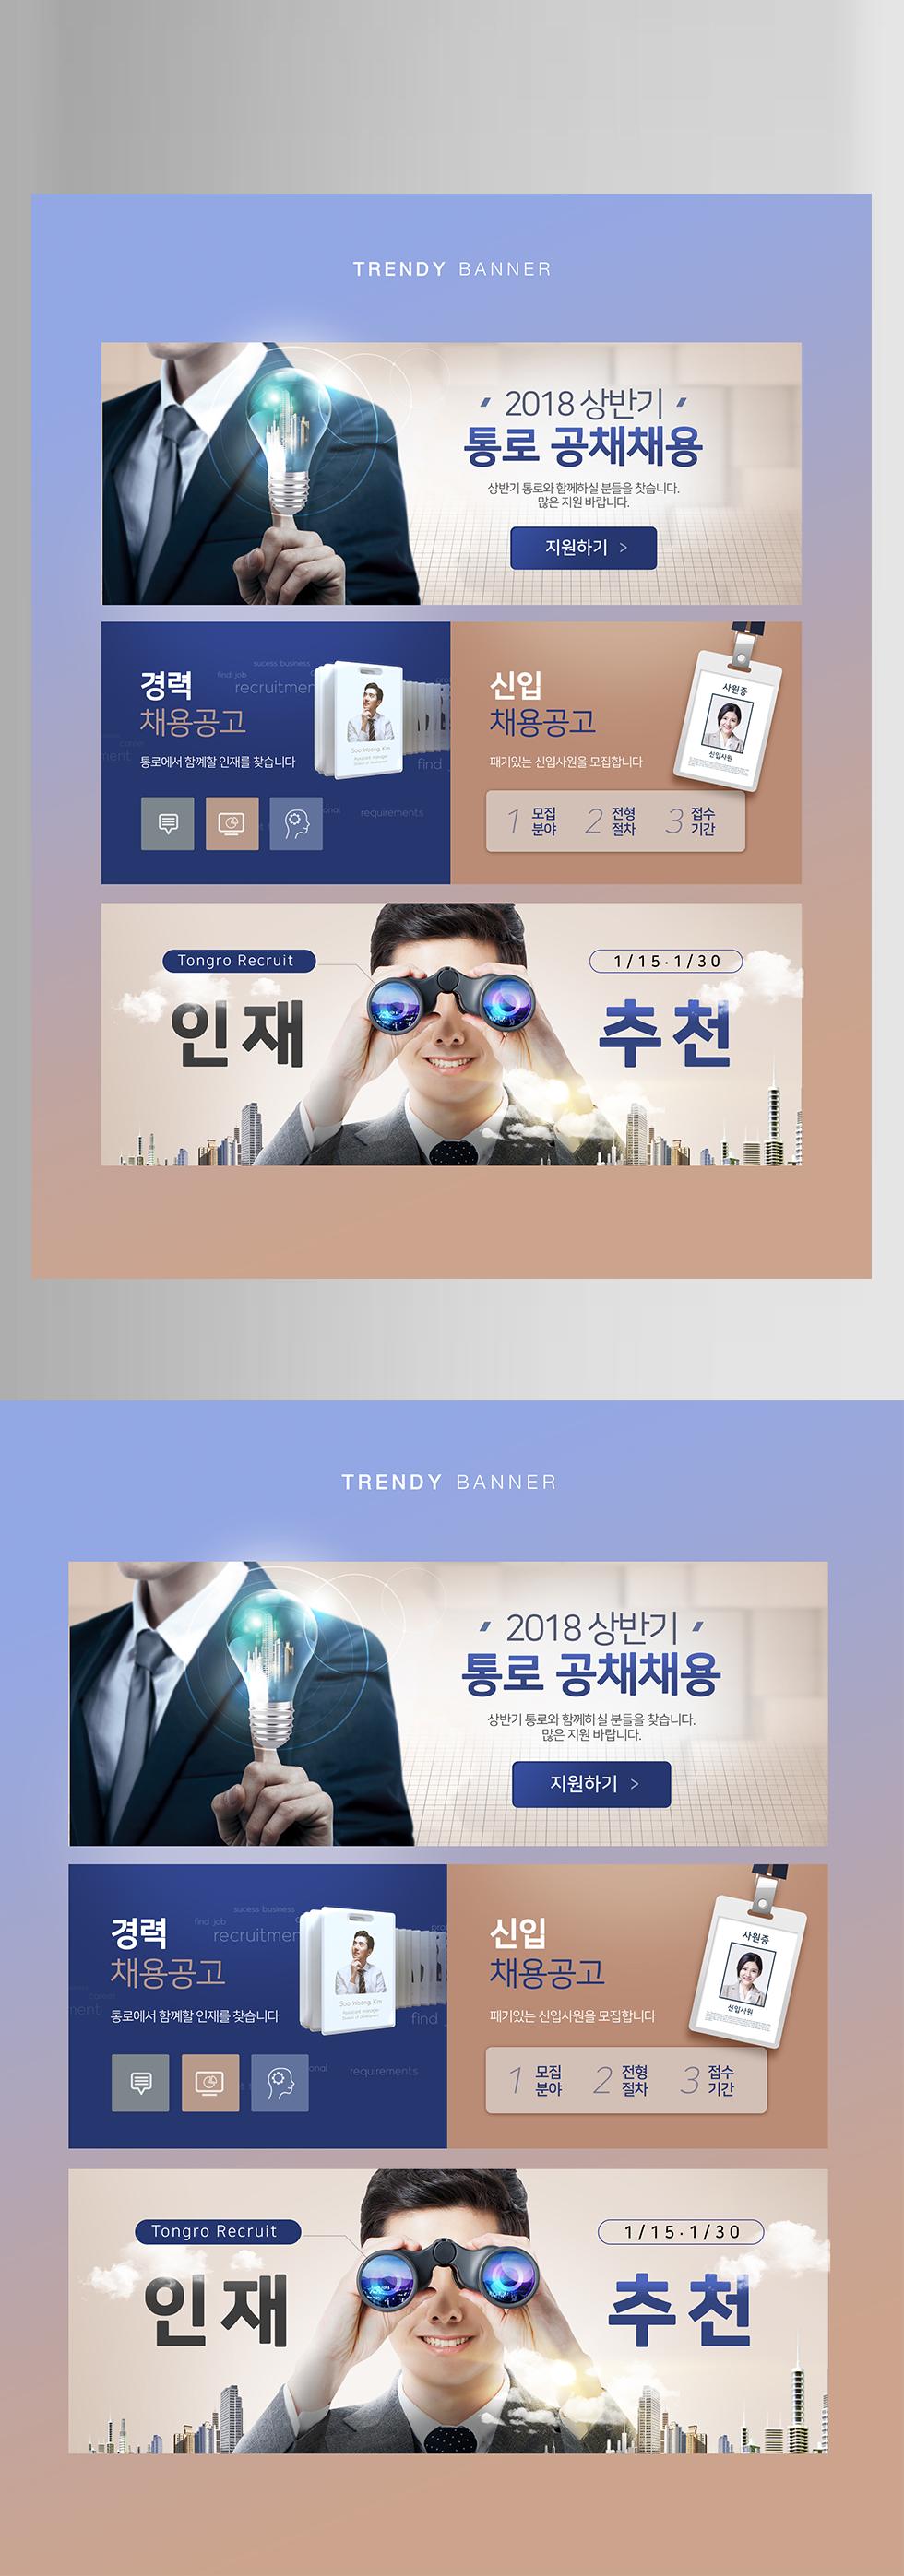 金融财务银行理财产品宣传广告图banner海报PSD设计素材模板(2)